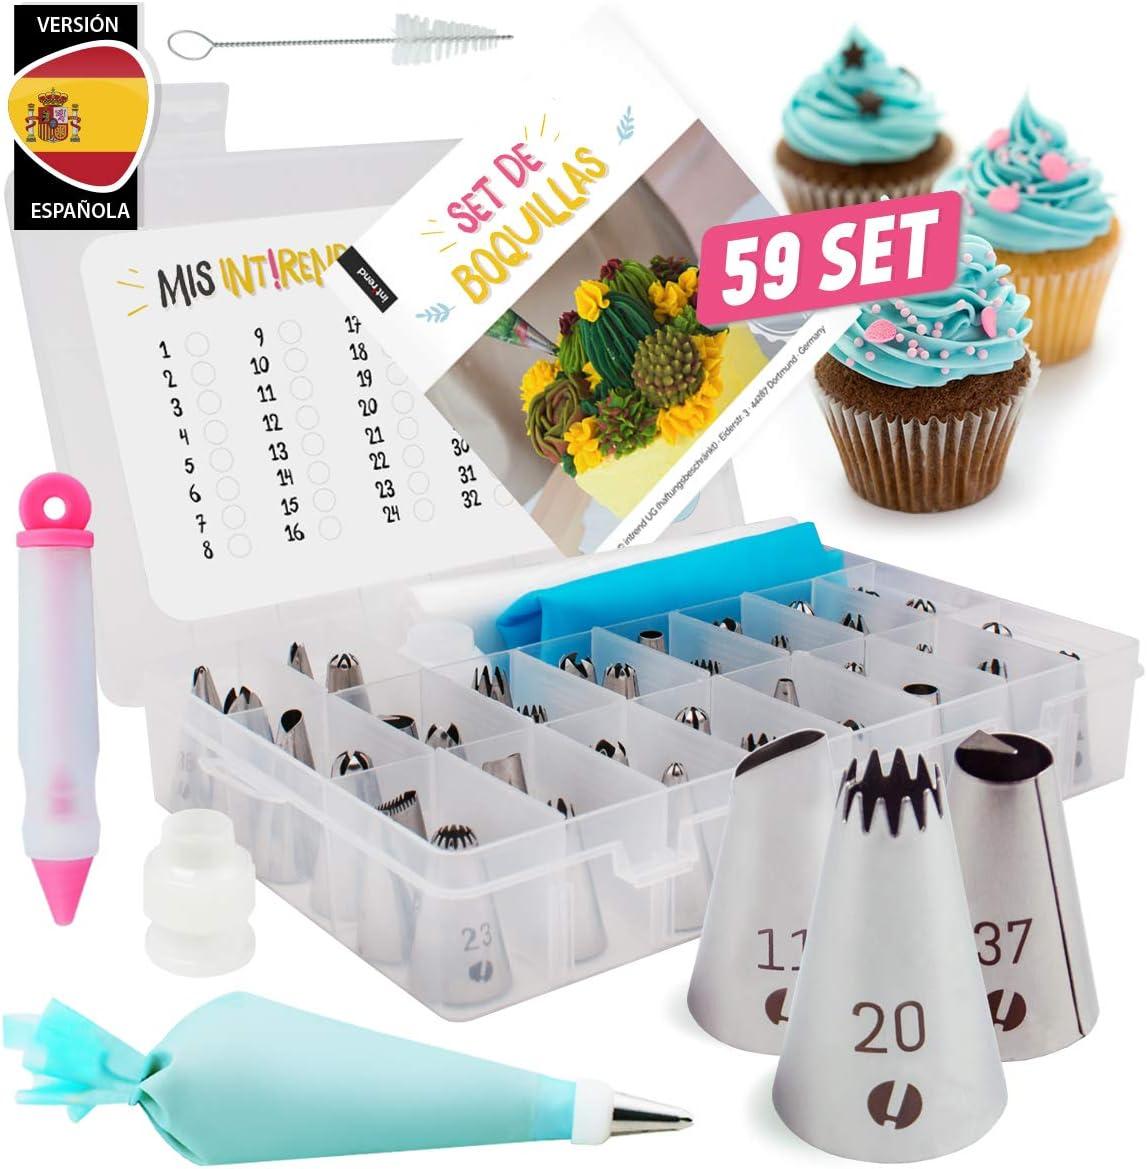 int!rend Maxi Set de boquillas - Conjunto de 59 Piezas | Decoración de Tartas y Pasteles, 42 boquillas y 2 adaptadores, 10 Mangas pasteleras Desechables, jeringa de Decoracion y más (Español): Amazon.es: Hogar